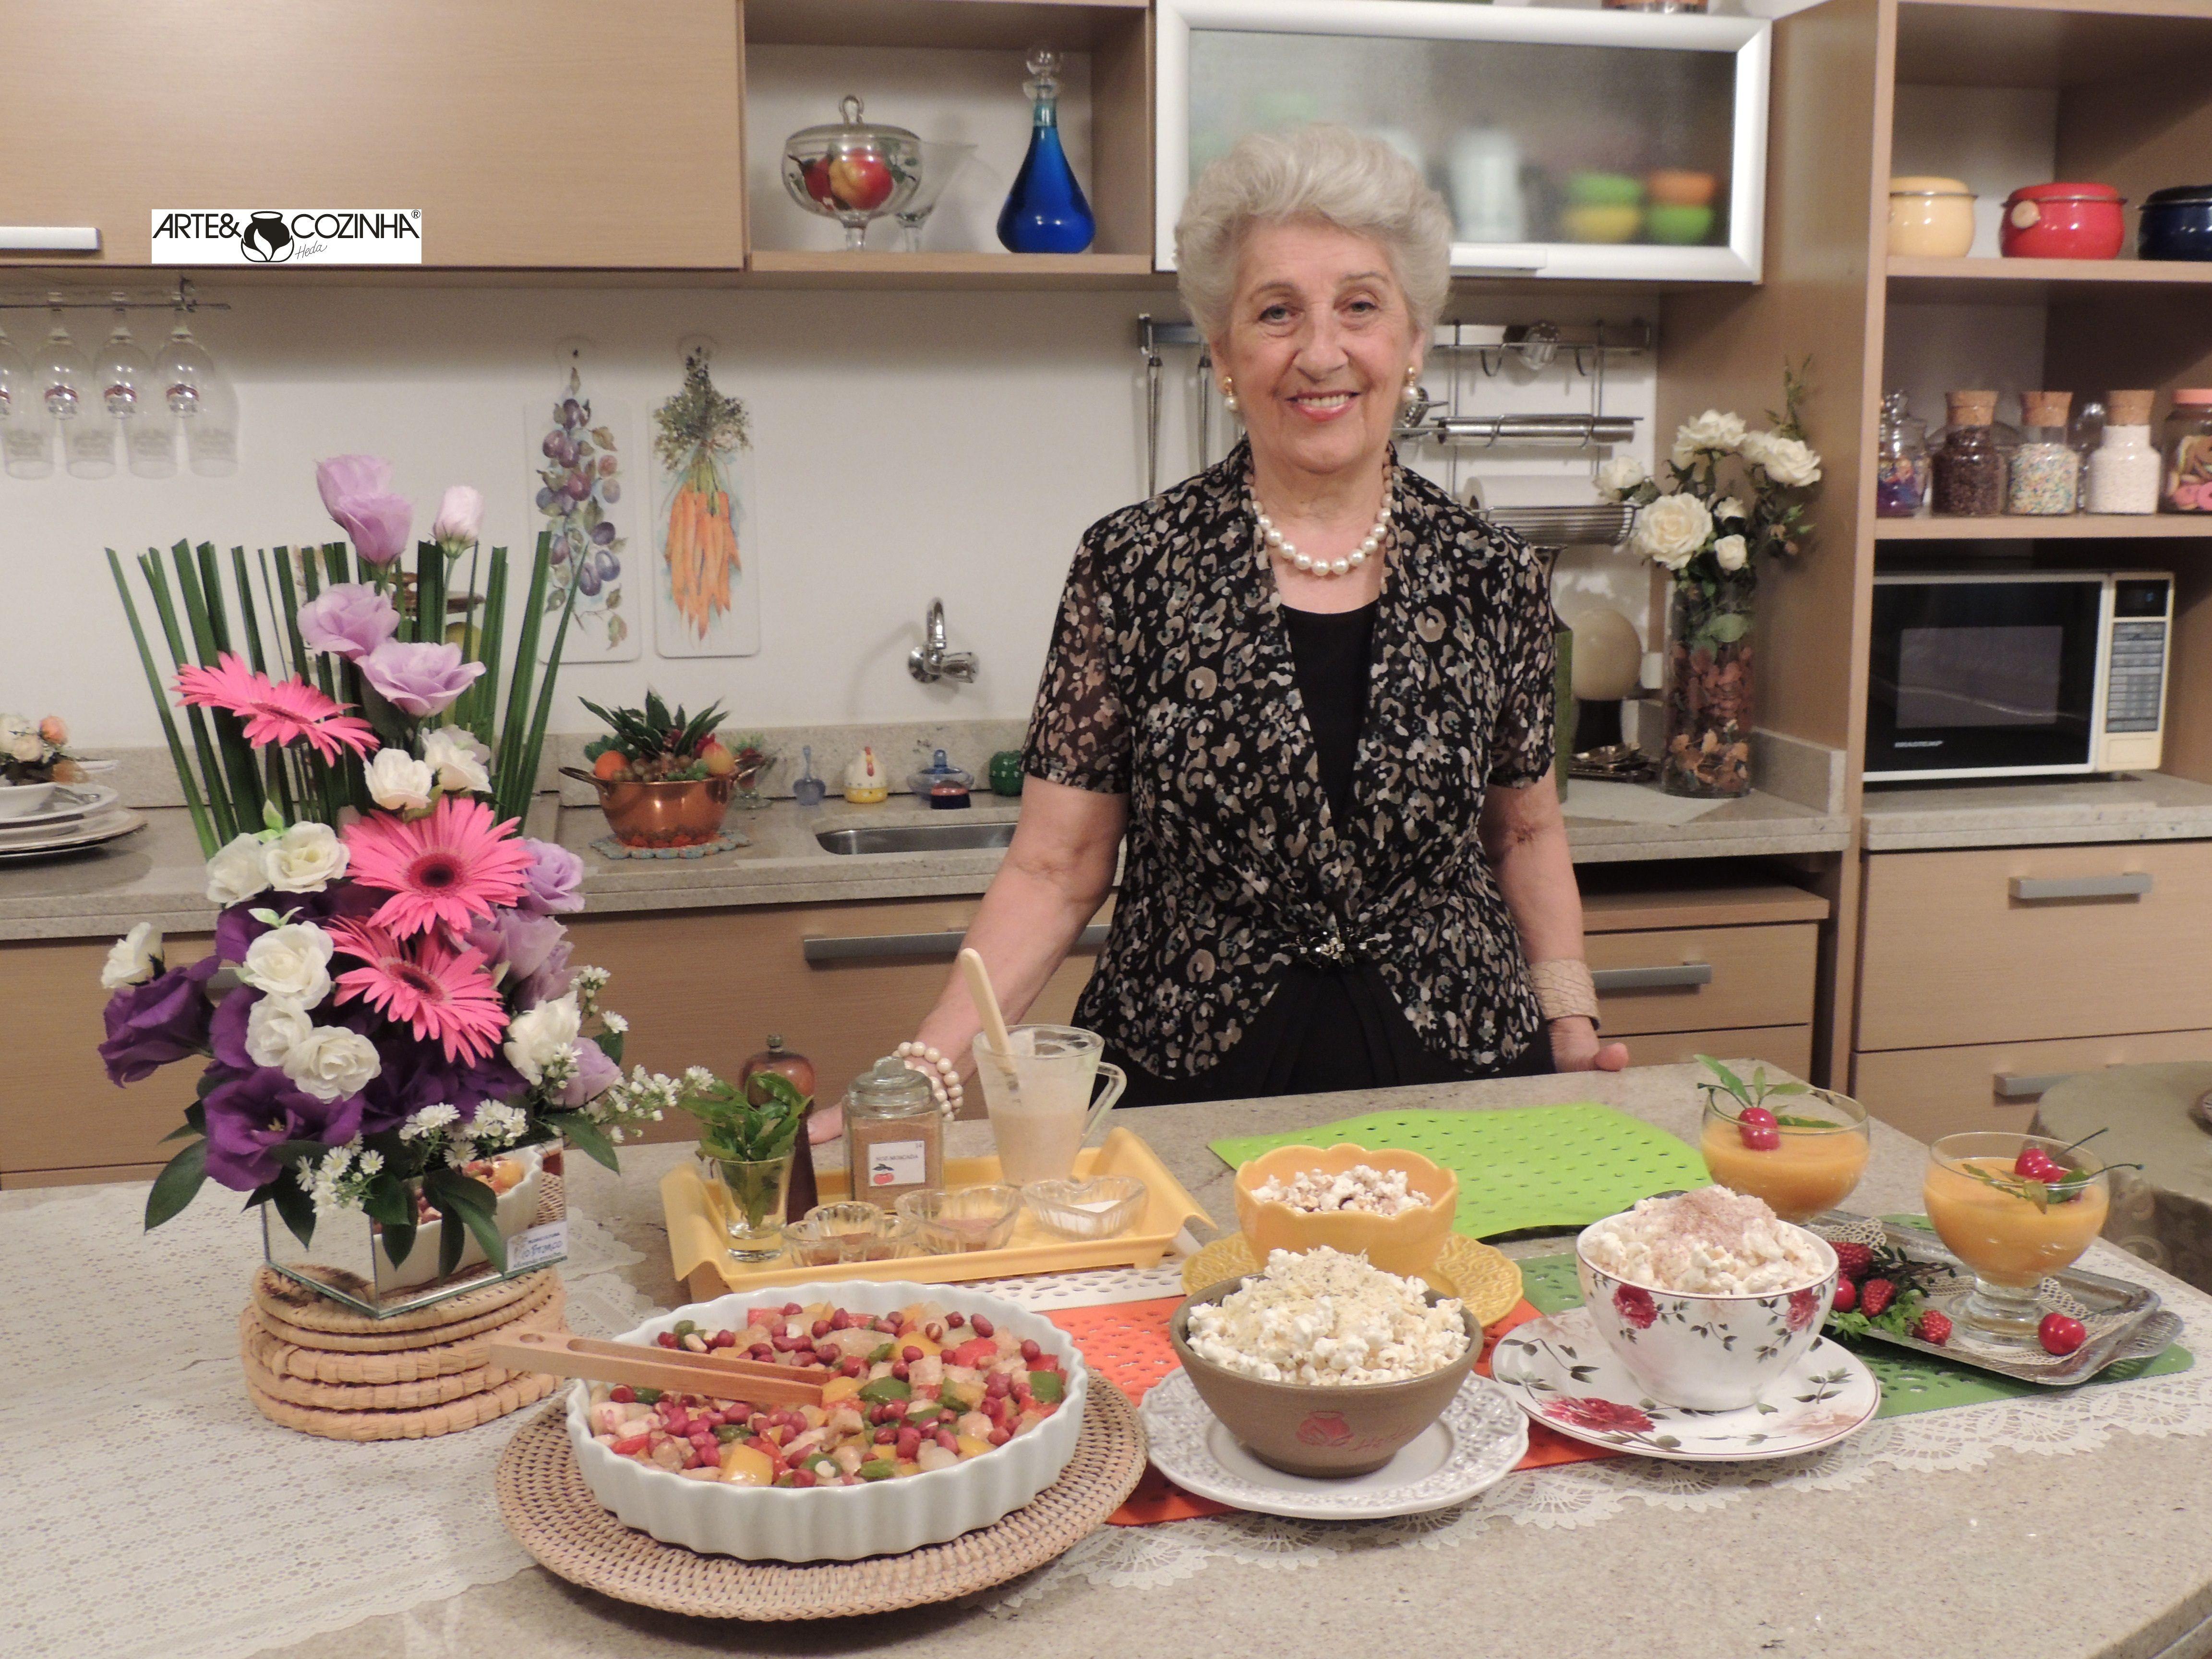 Heda Seffrin apresentando receitas criativas no seu Programa de TV Arte & Cozinha. Fotografia:Simone Seffrin